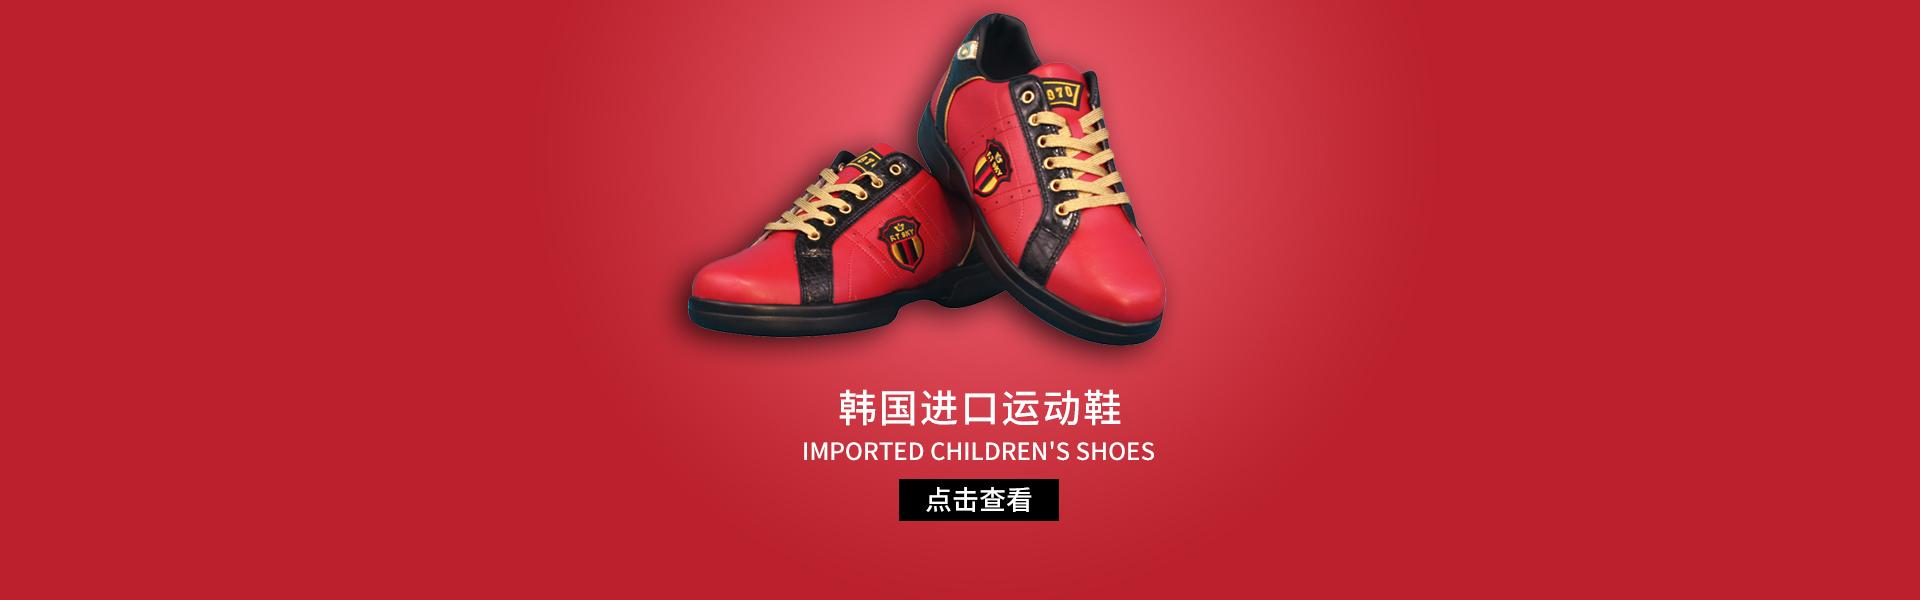 进口运动鞋